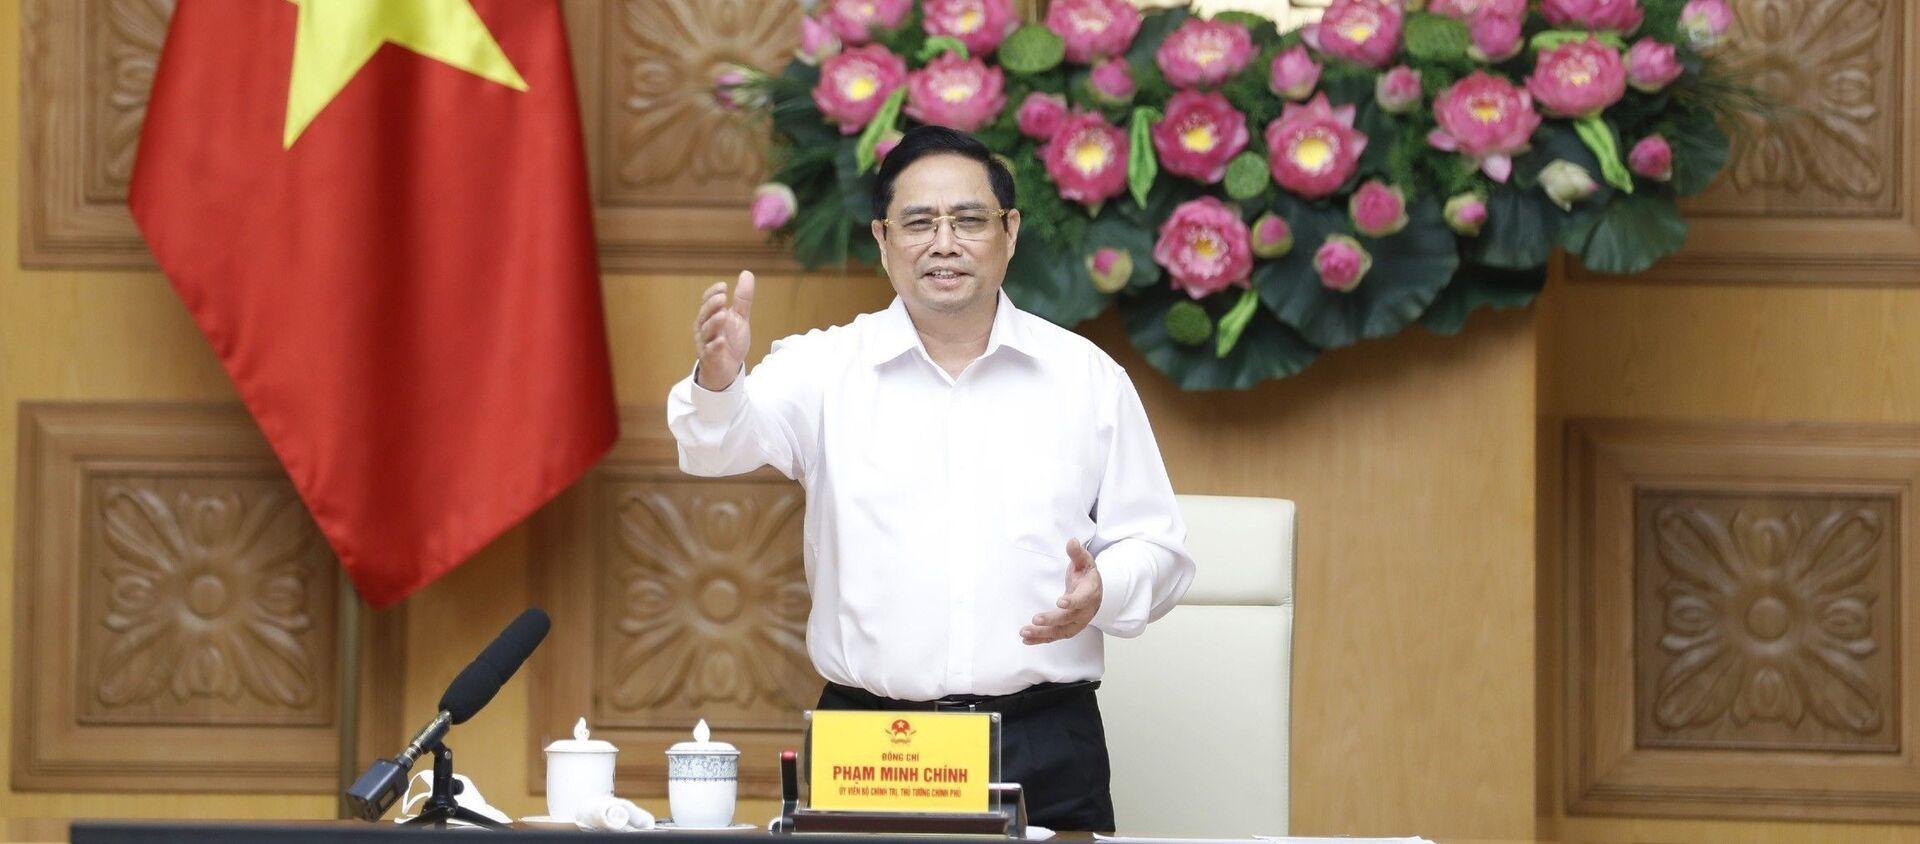 Thủ tướng Phạm Minh Chính làm việc với các đơn vị nghiên cứu, sản xuất vaccine phòng COVID-19 trong nước - Sputnik Việt Nam, 1920, 07.06.2021